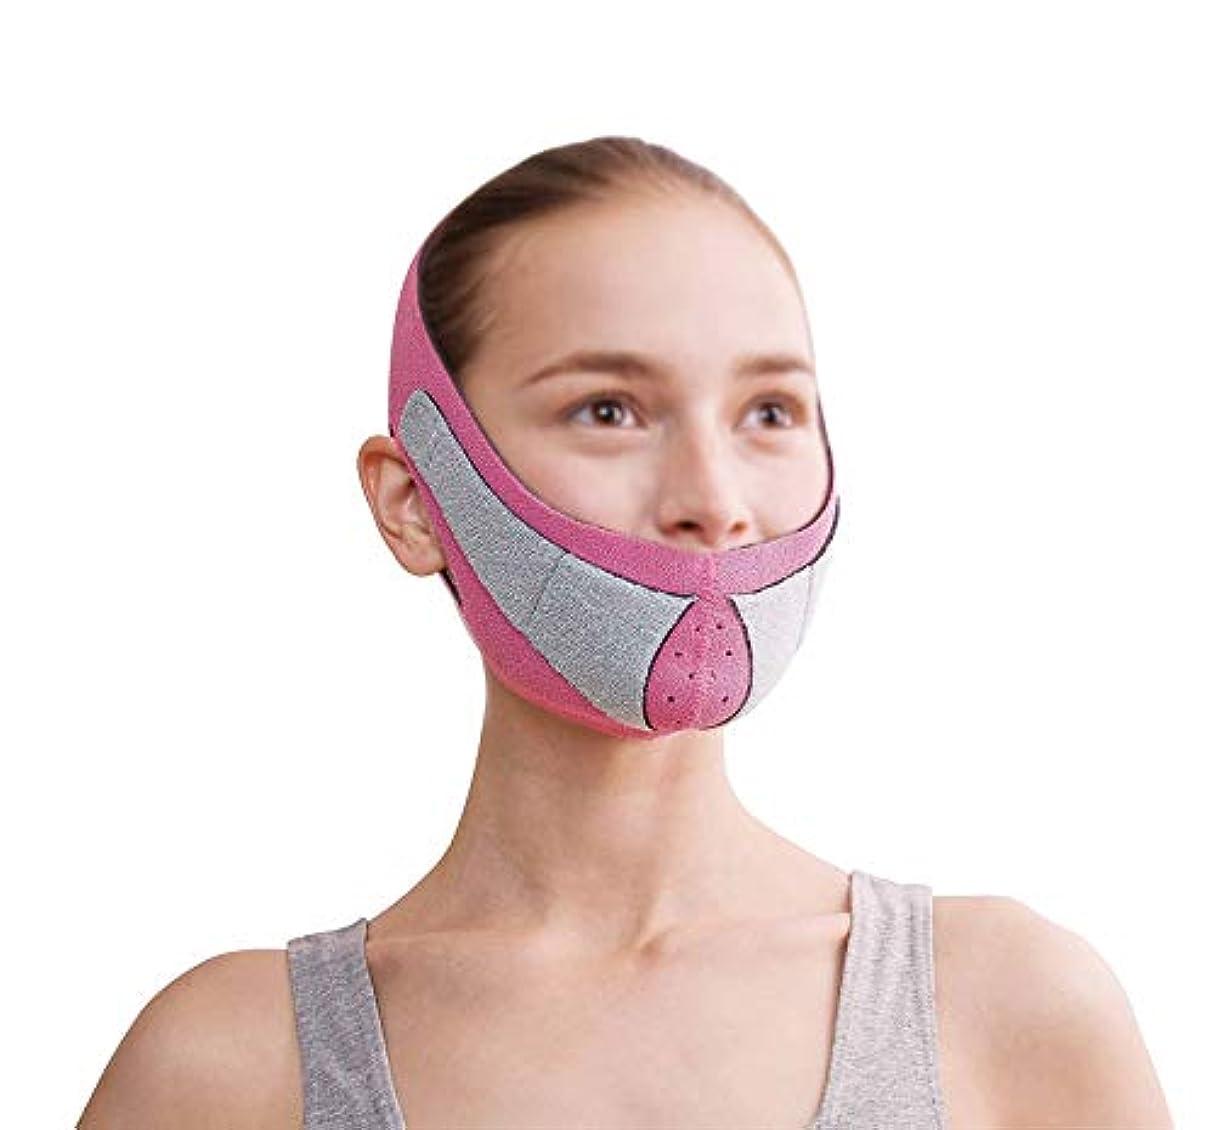 蒸留蒸気収束するGLJJQMY 薄い顔のマスクのマスクと垂れ下がり防止の薄い顔のマスク薄い顔のマスクのアーティファクトの美しさの首ネックストラップを引き締め 顔用整形マスク